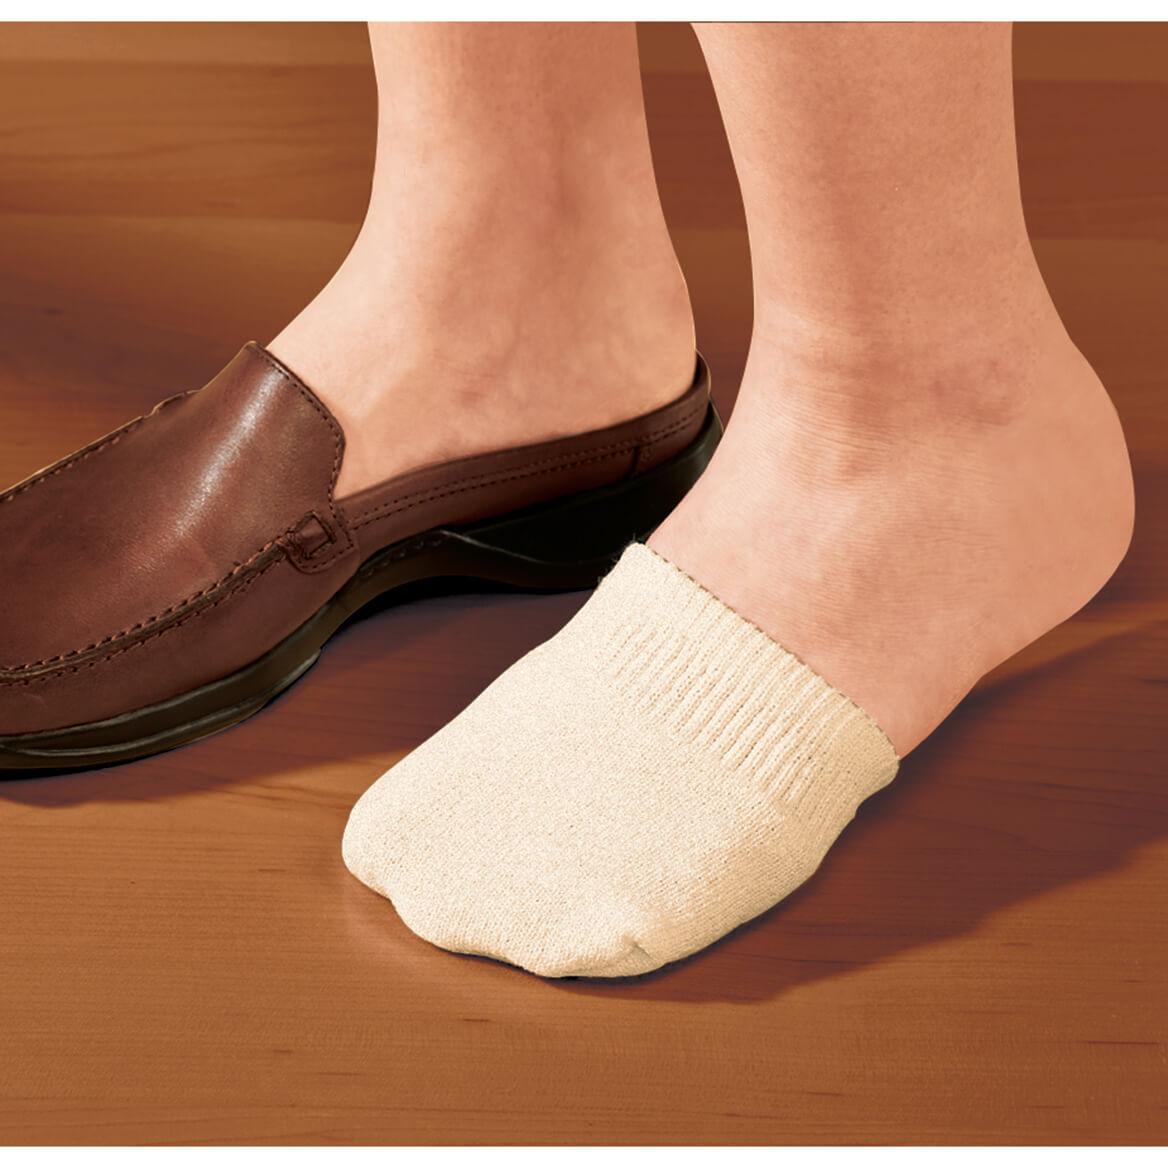 Toe Half Socks 2 Pair - Natural-358149